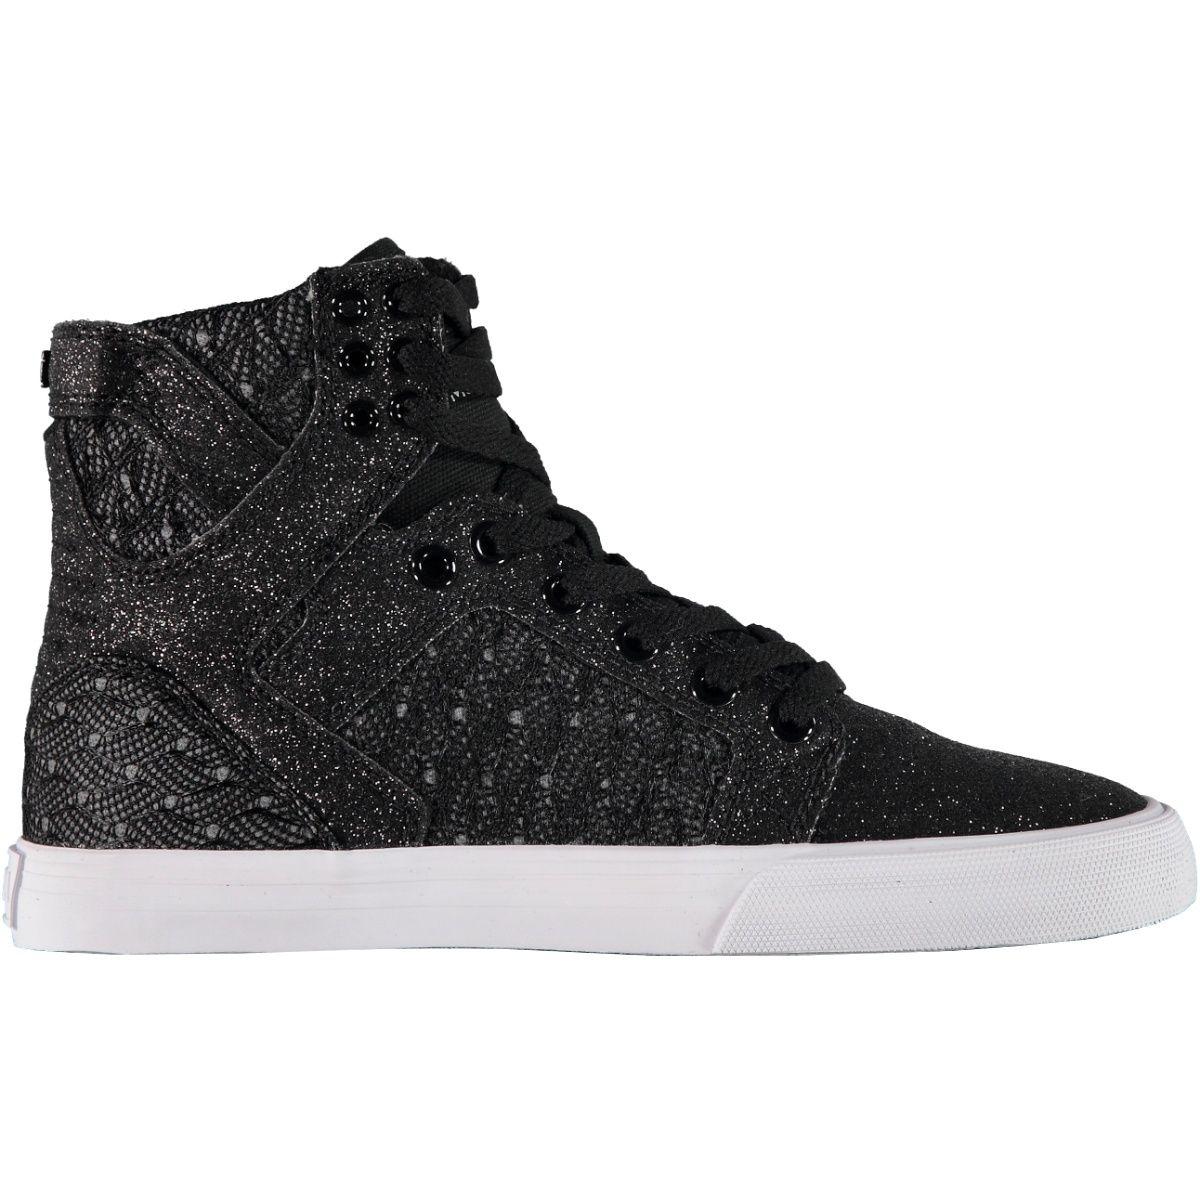 87f91175bc9 Het Skytop Supra Coole Voor Van Merk Sneakers zwart qgXxEEPZnw